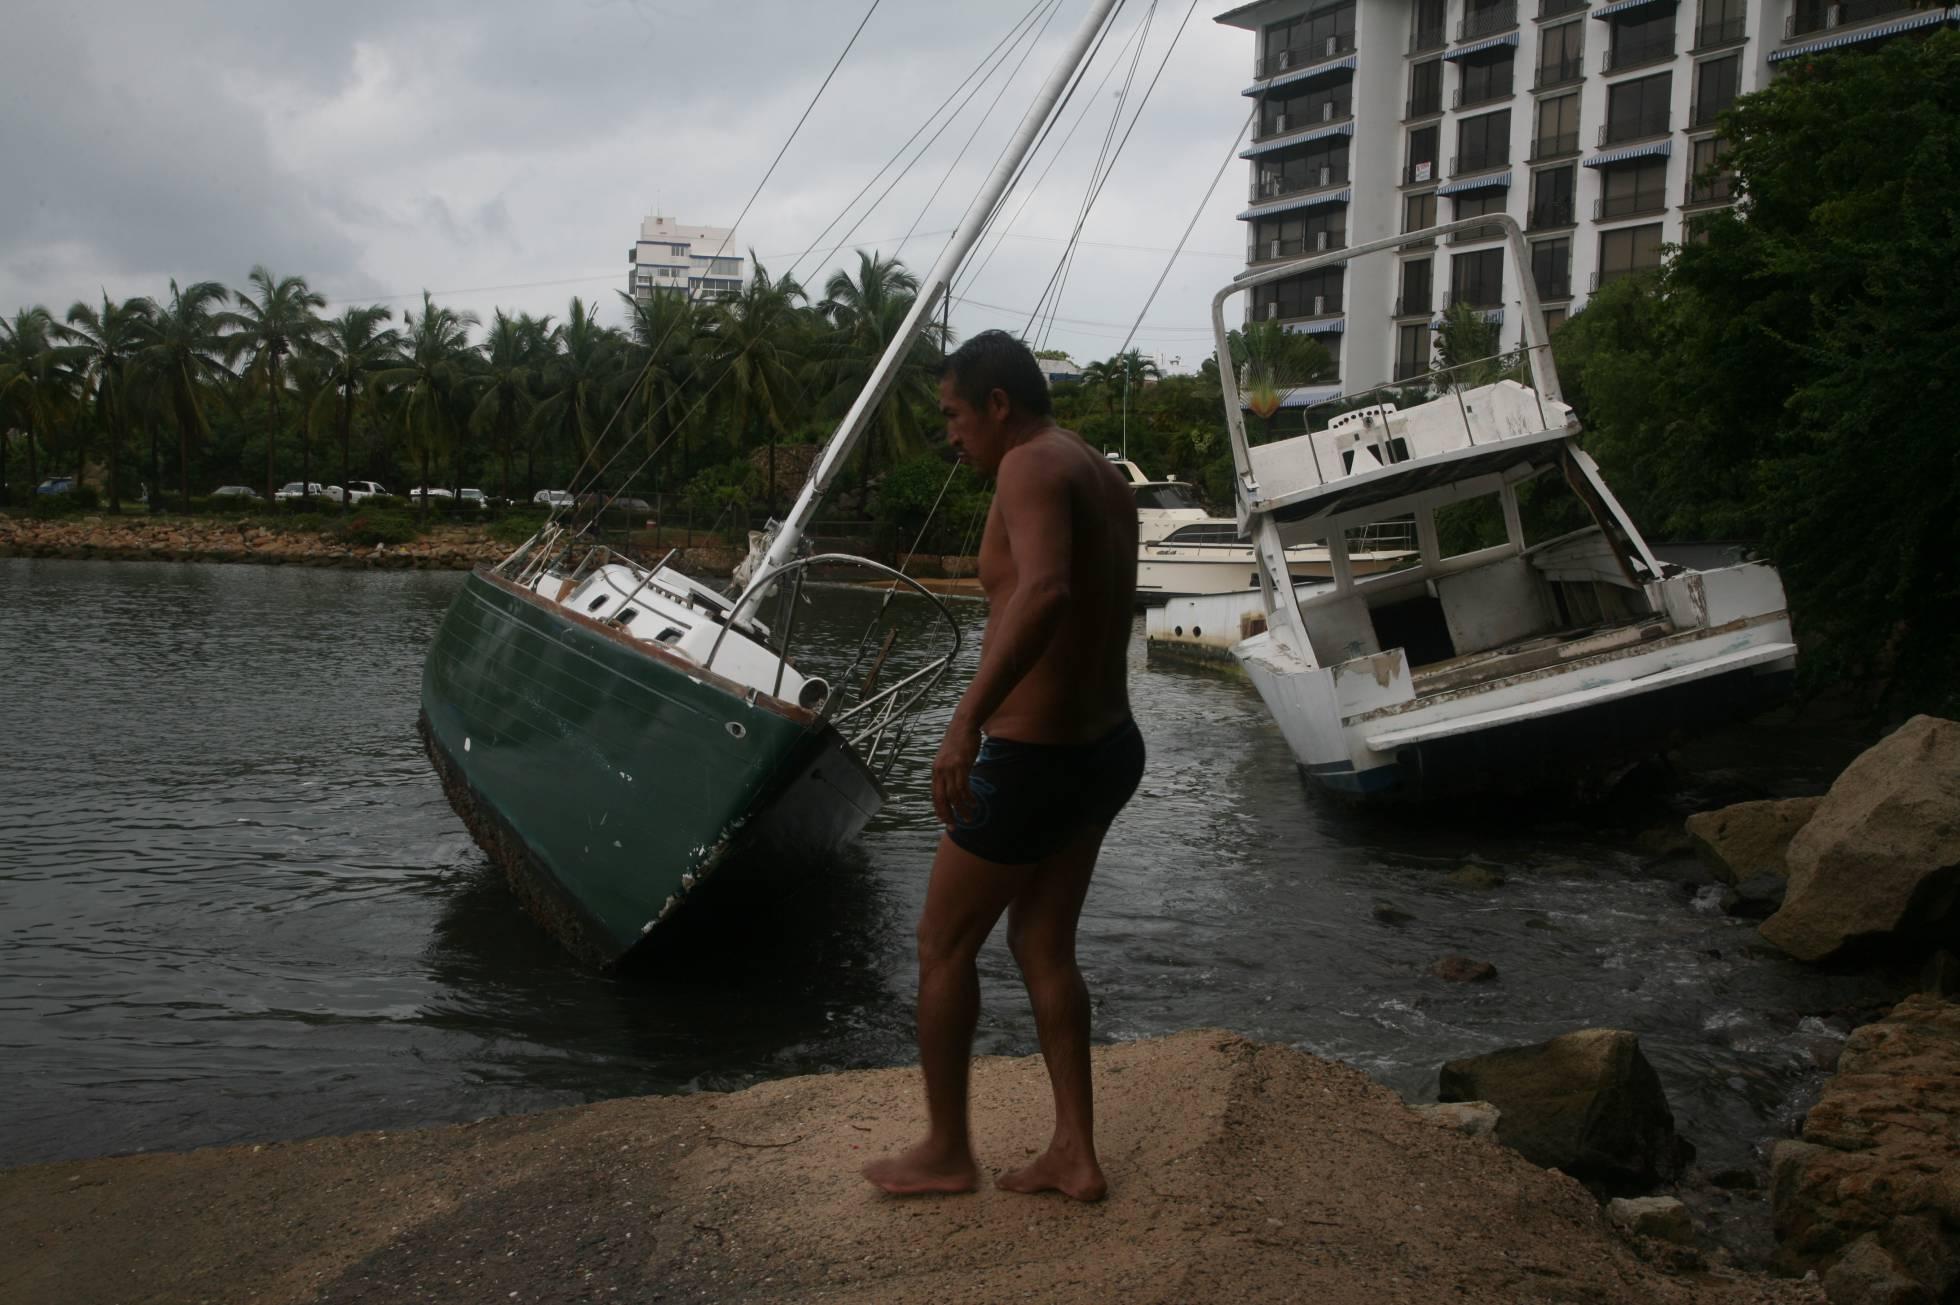 El cambio climático llevará a 17 millones de personas a migrar en América Latina